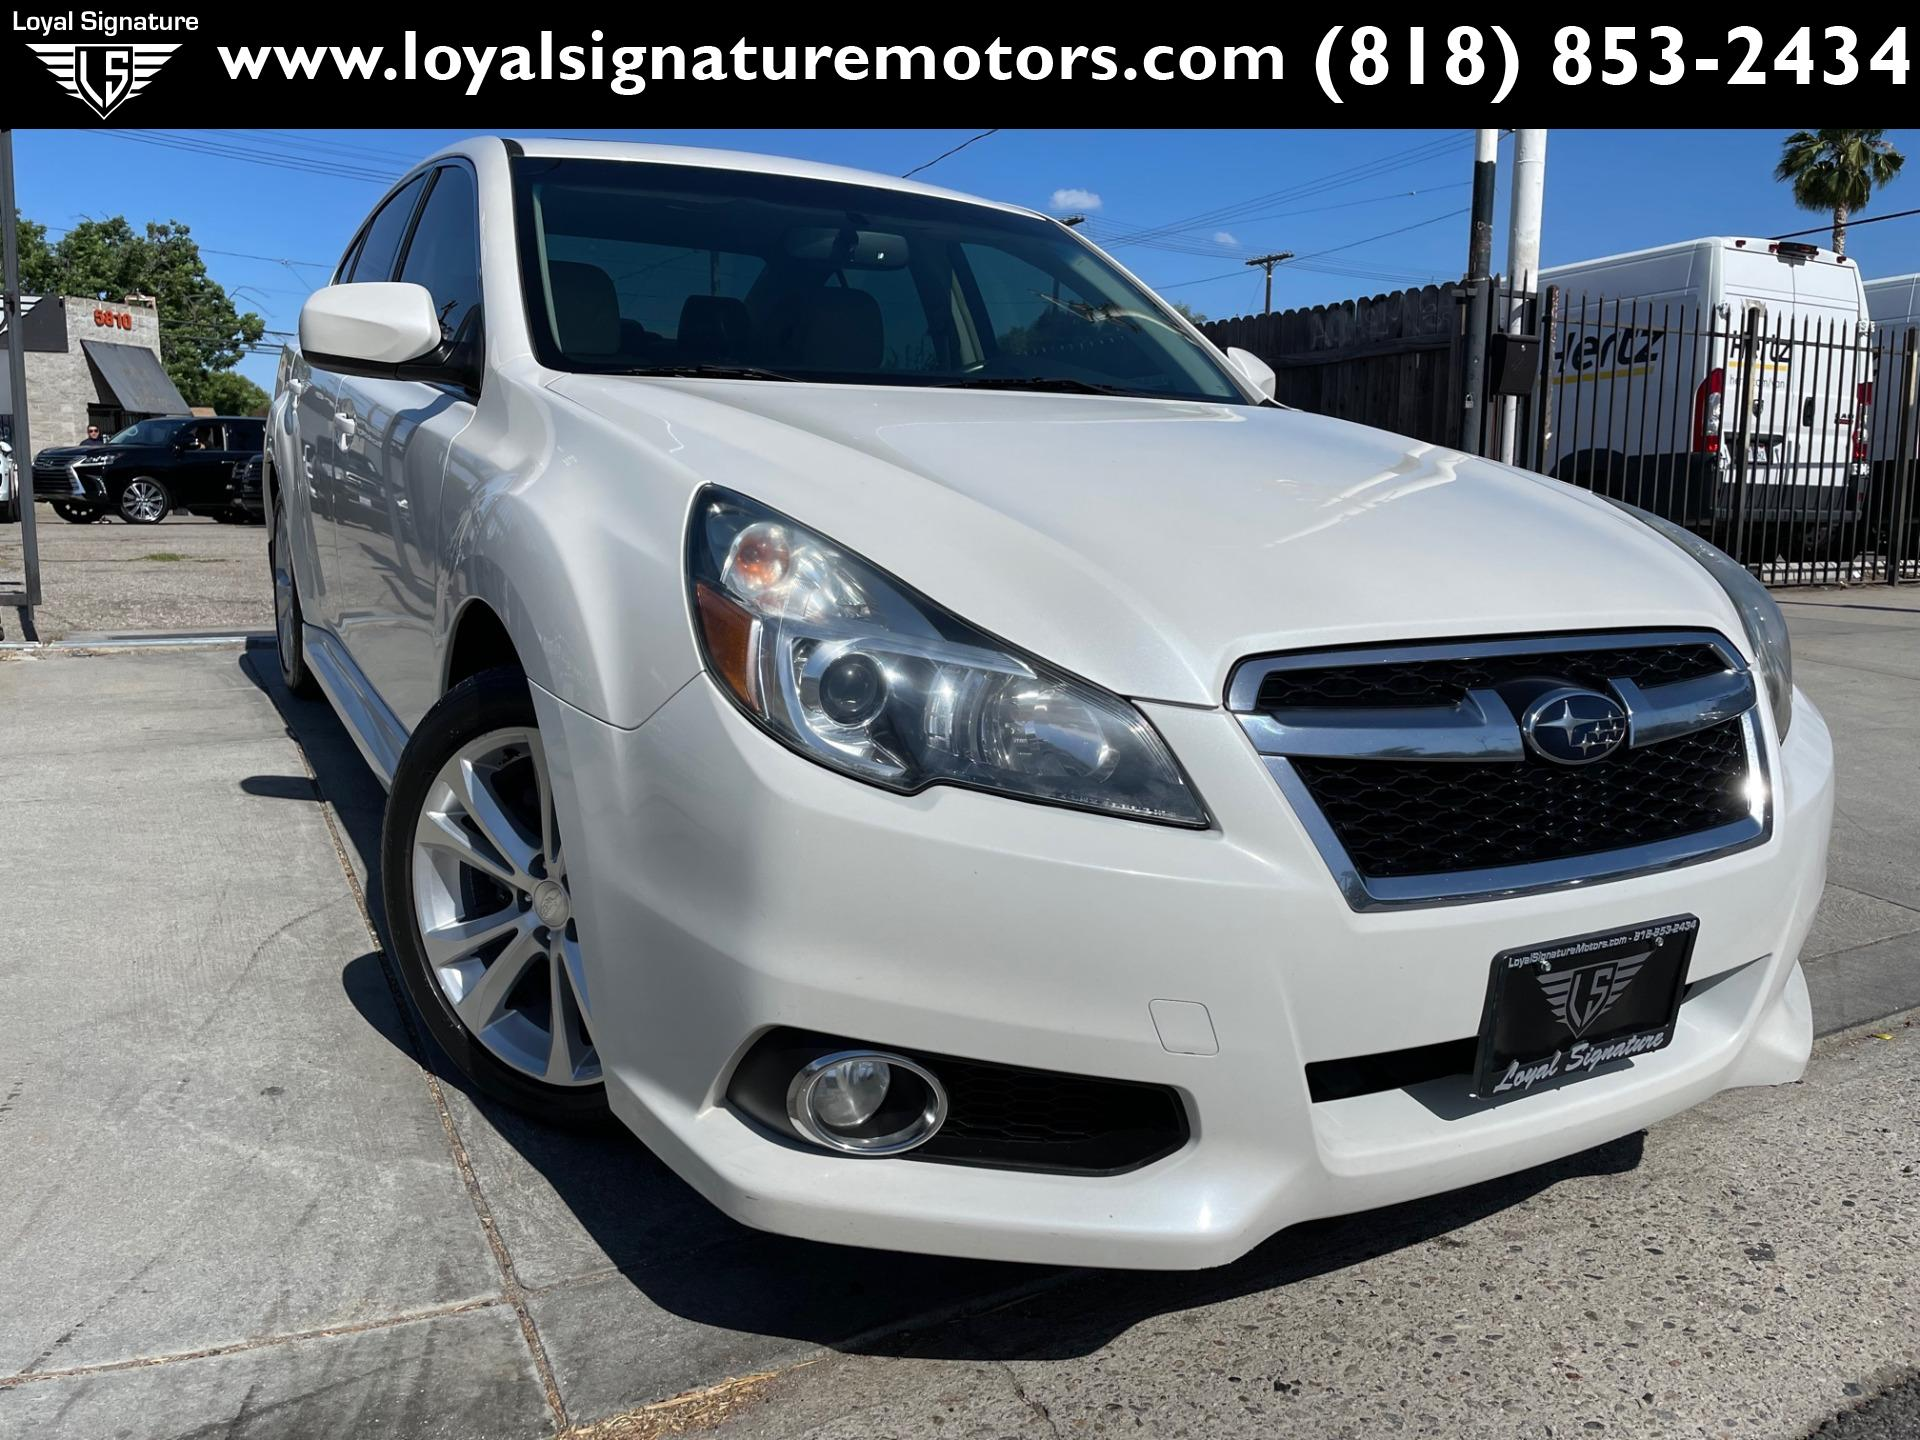 Used 2013 Subaru Legacy 2.5i Limited | Van Nuys, CA